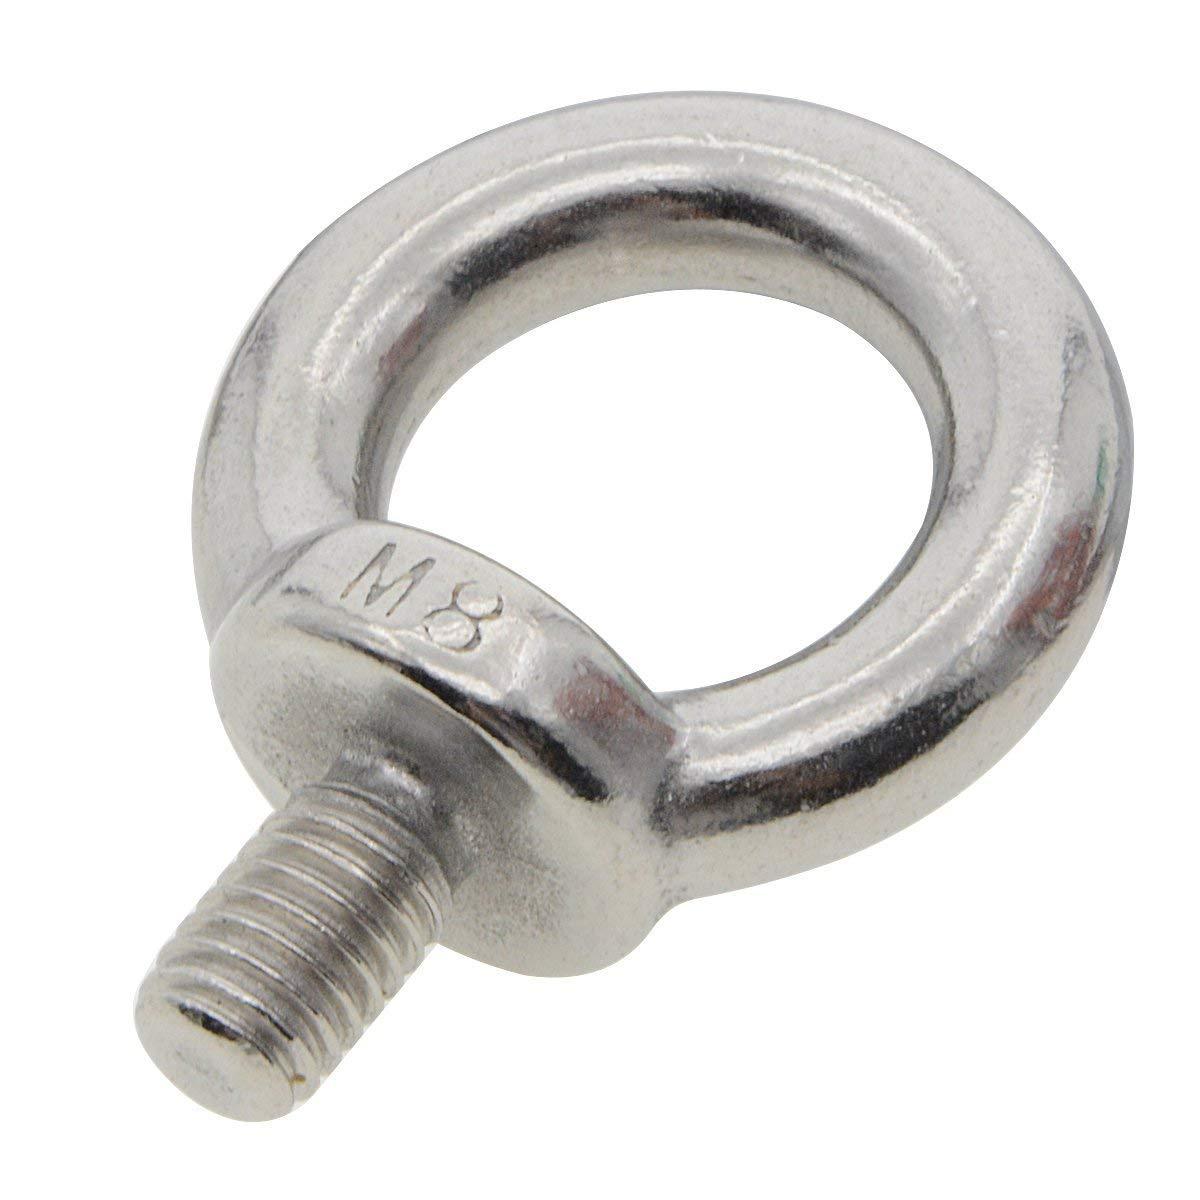 Saim Ringschrauben Schraube M16 Au/ßengewinde 304 Edelstahl Ringschrauben Ringschrauben Mutter Verschluss 2 St/ücke